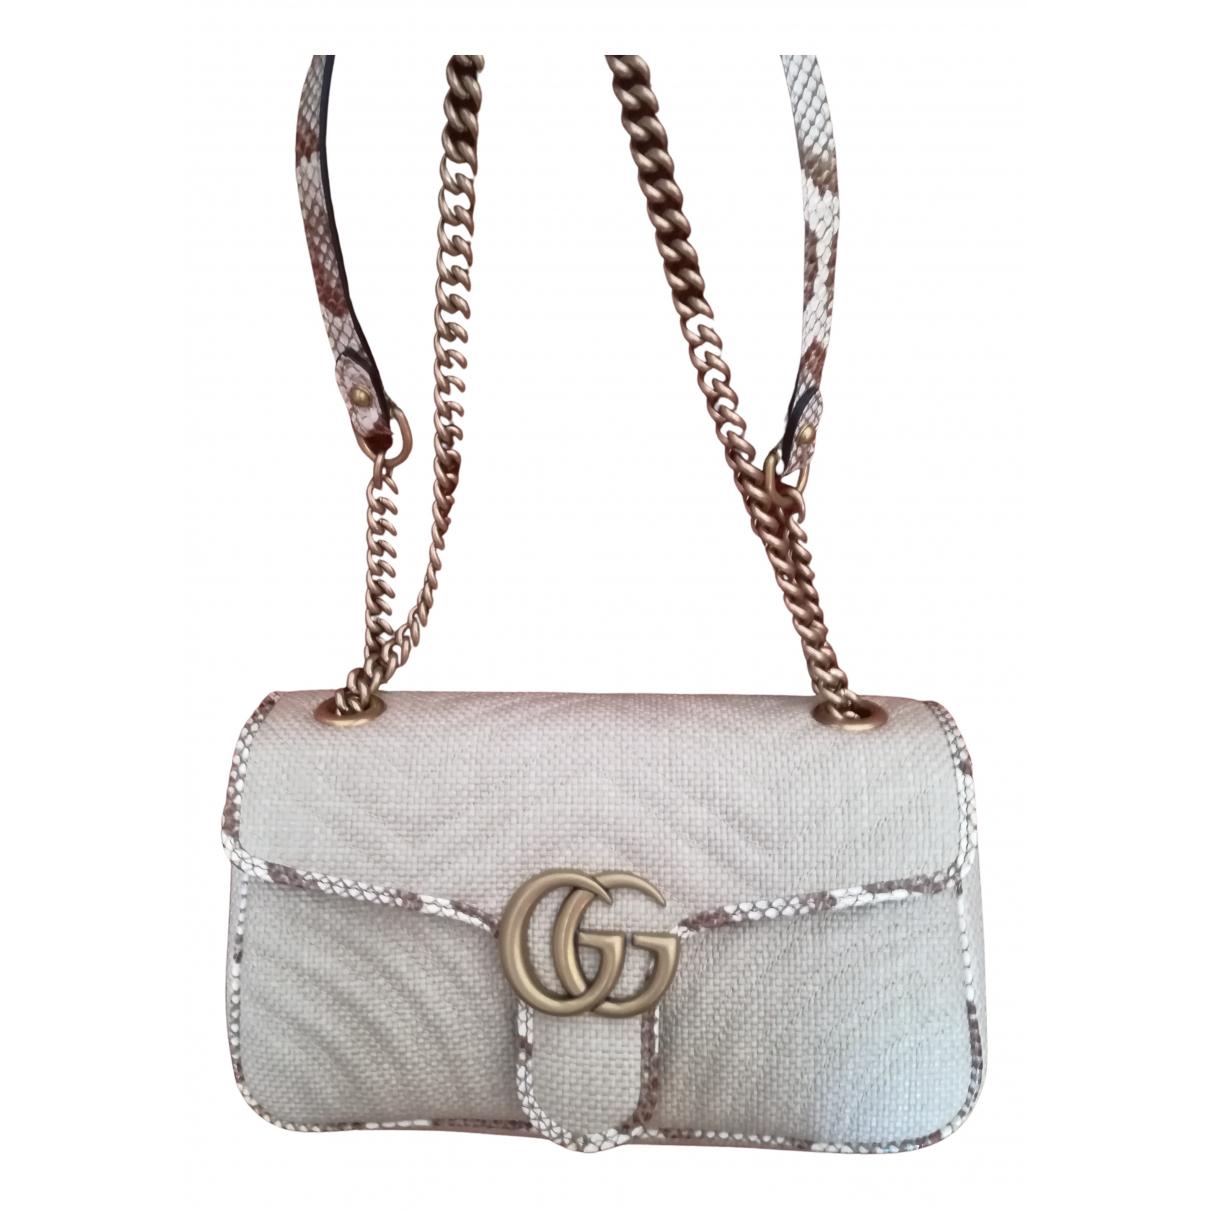 Gucci Marmont Beige Wicker handbag for Women N